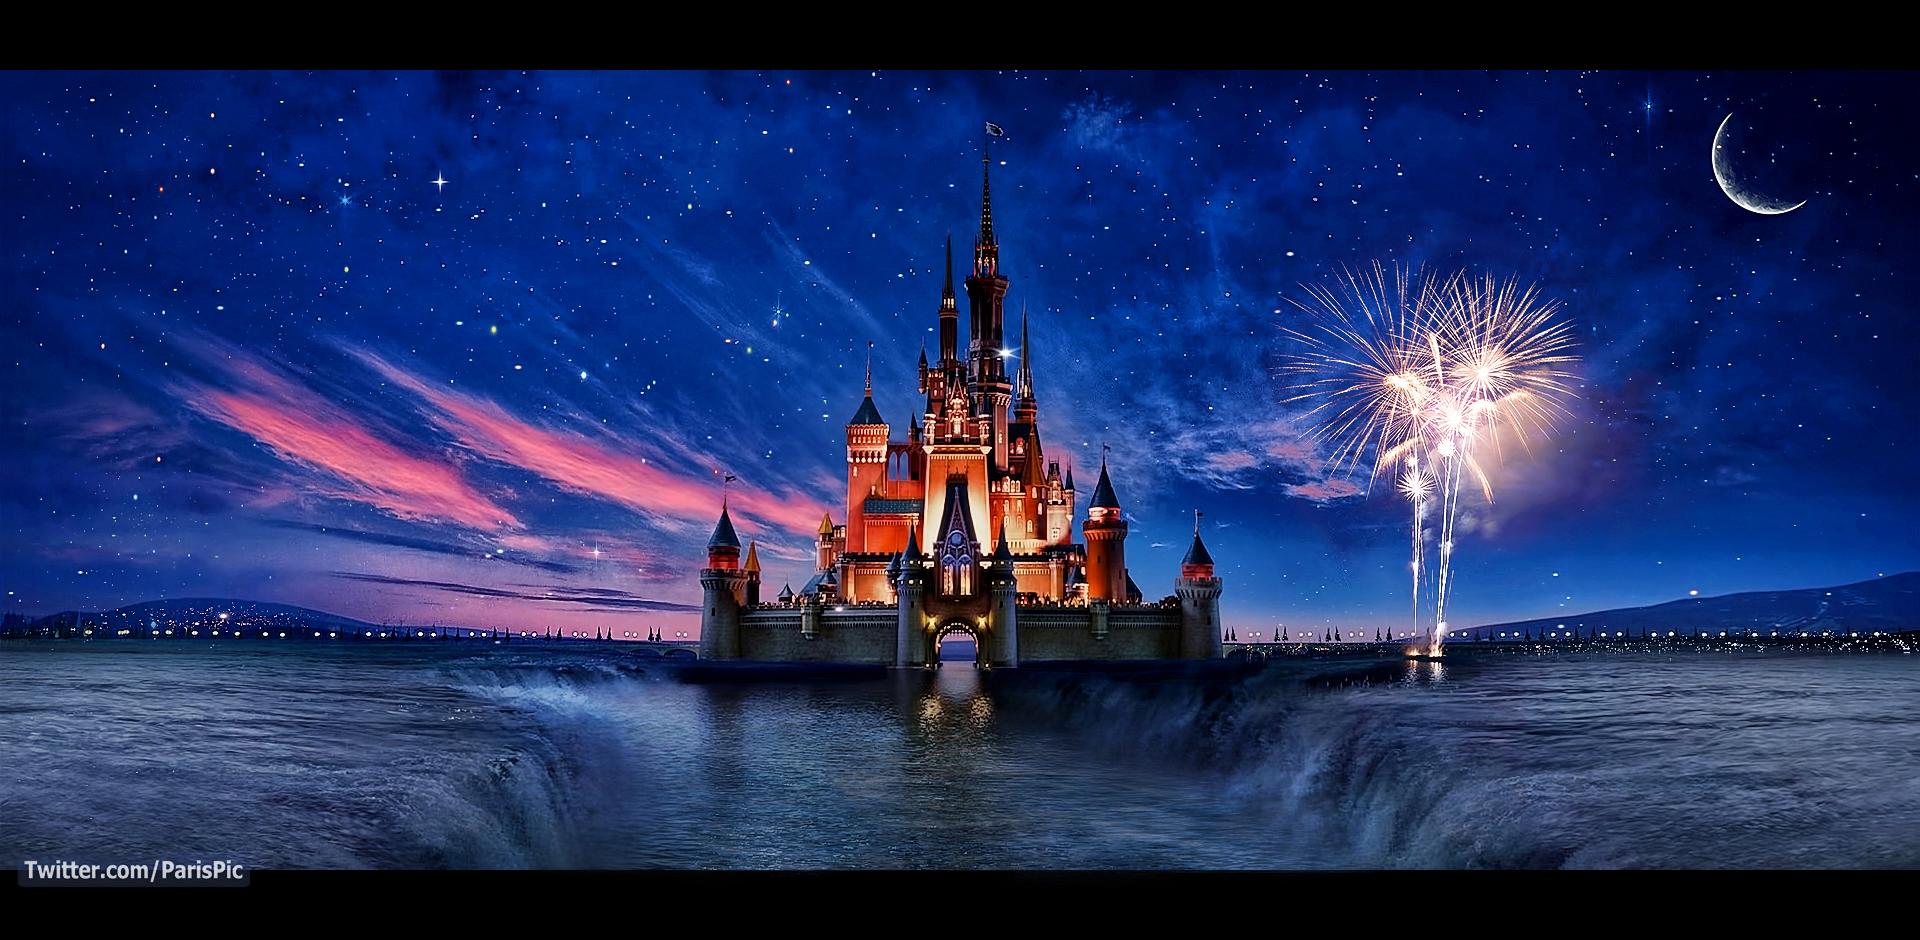 Wallpapersafari: Disneyland Castle Wallpaper